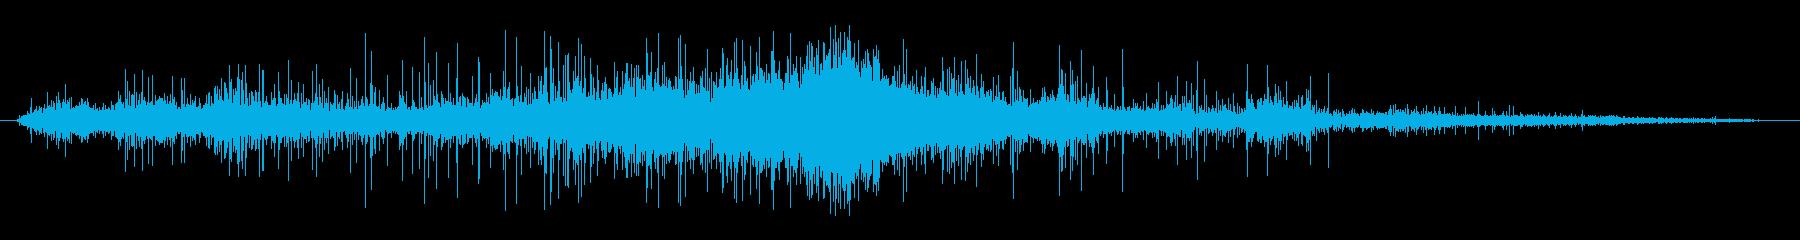 ホットメタルヒスのウェットラグの再生済みの波形